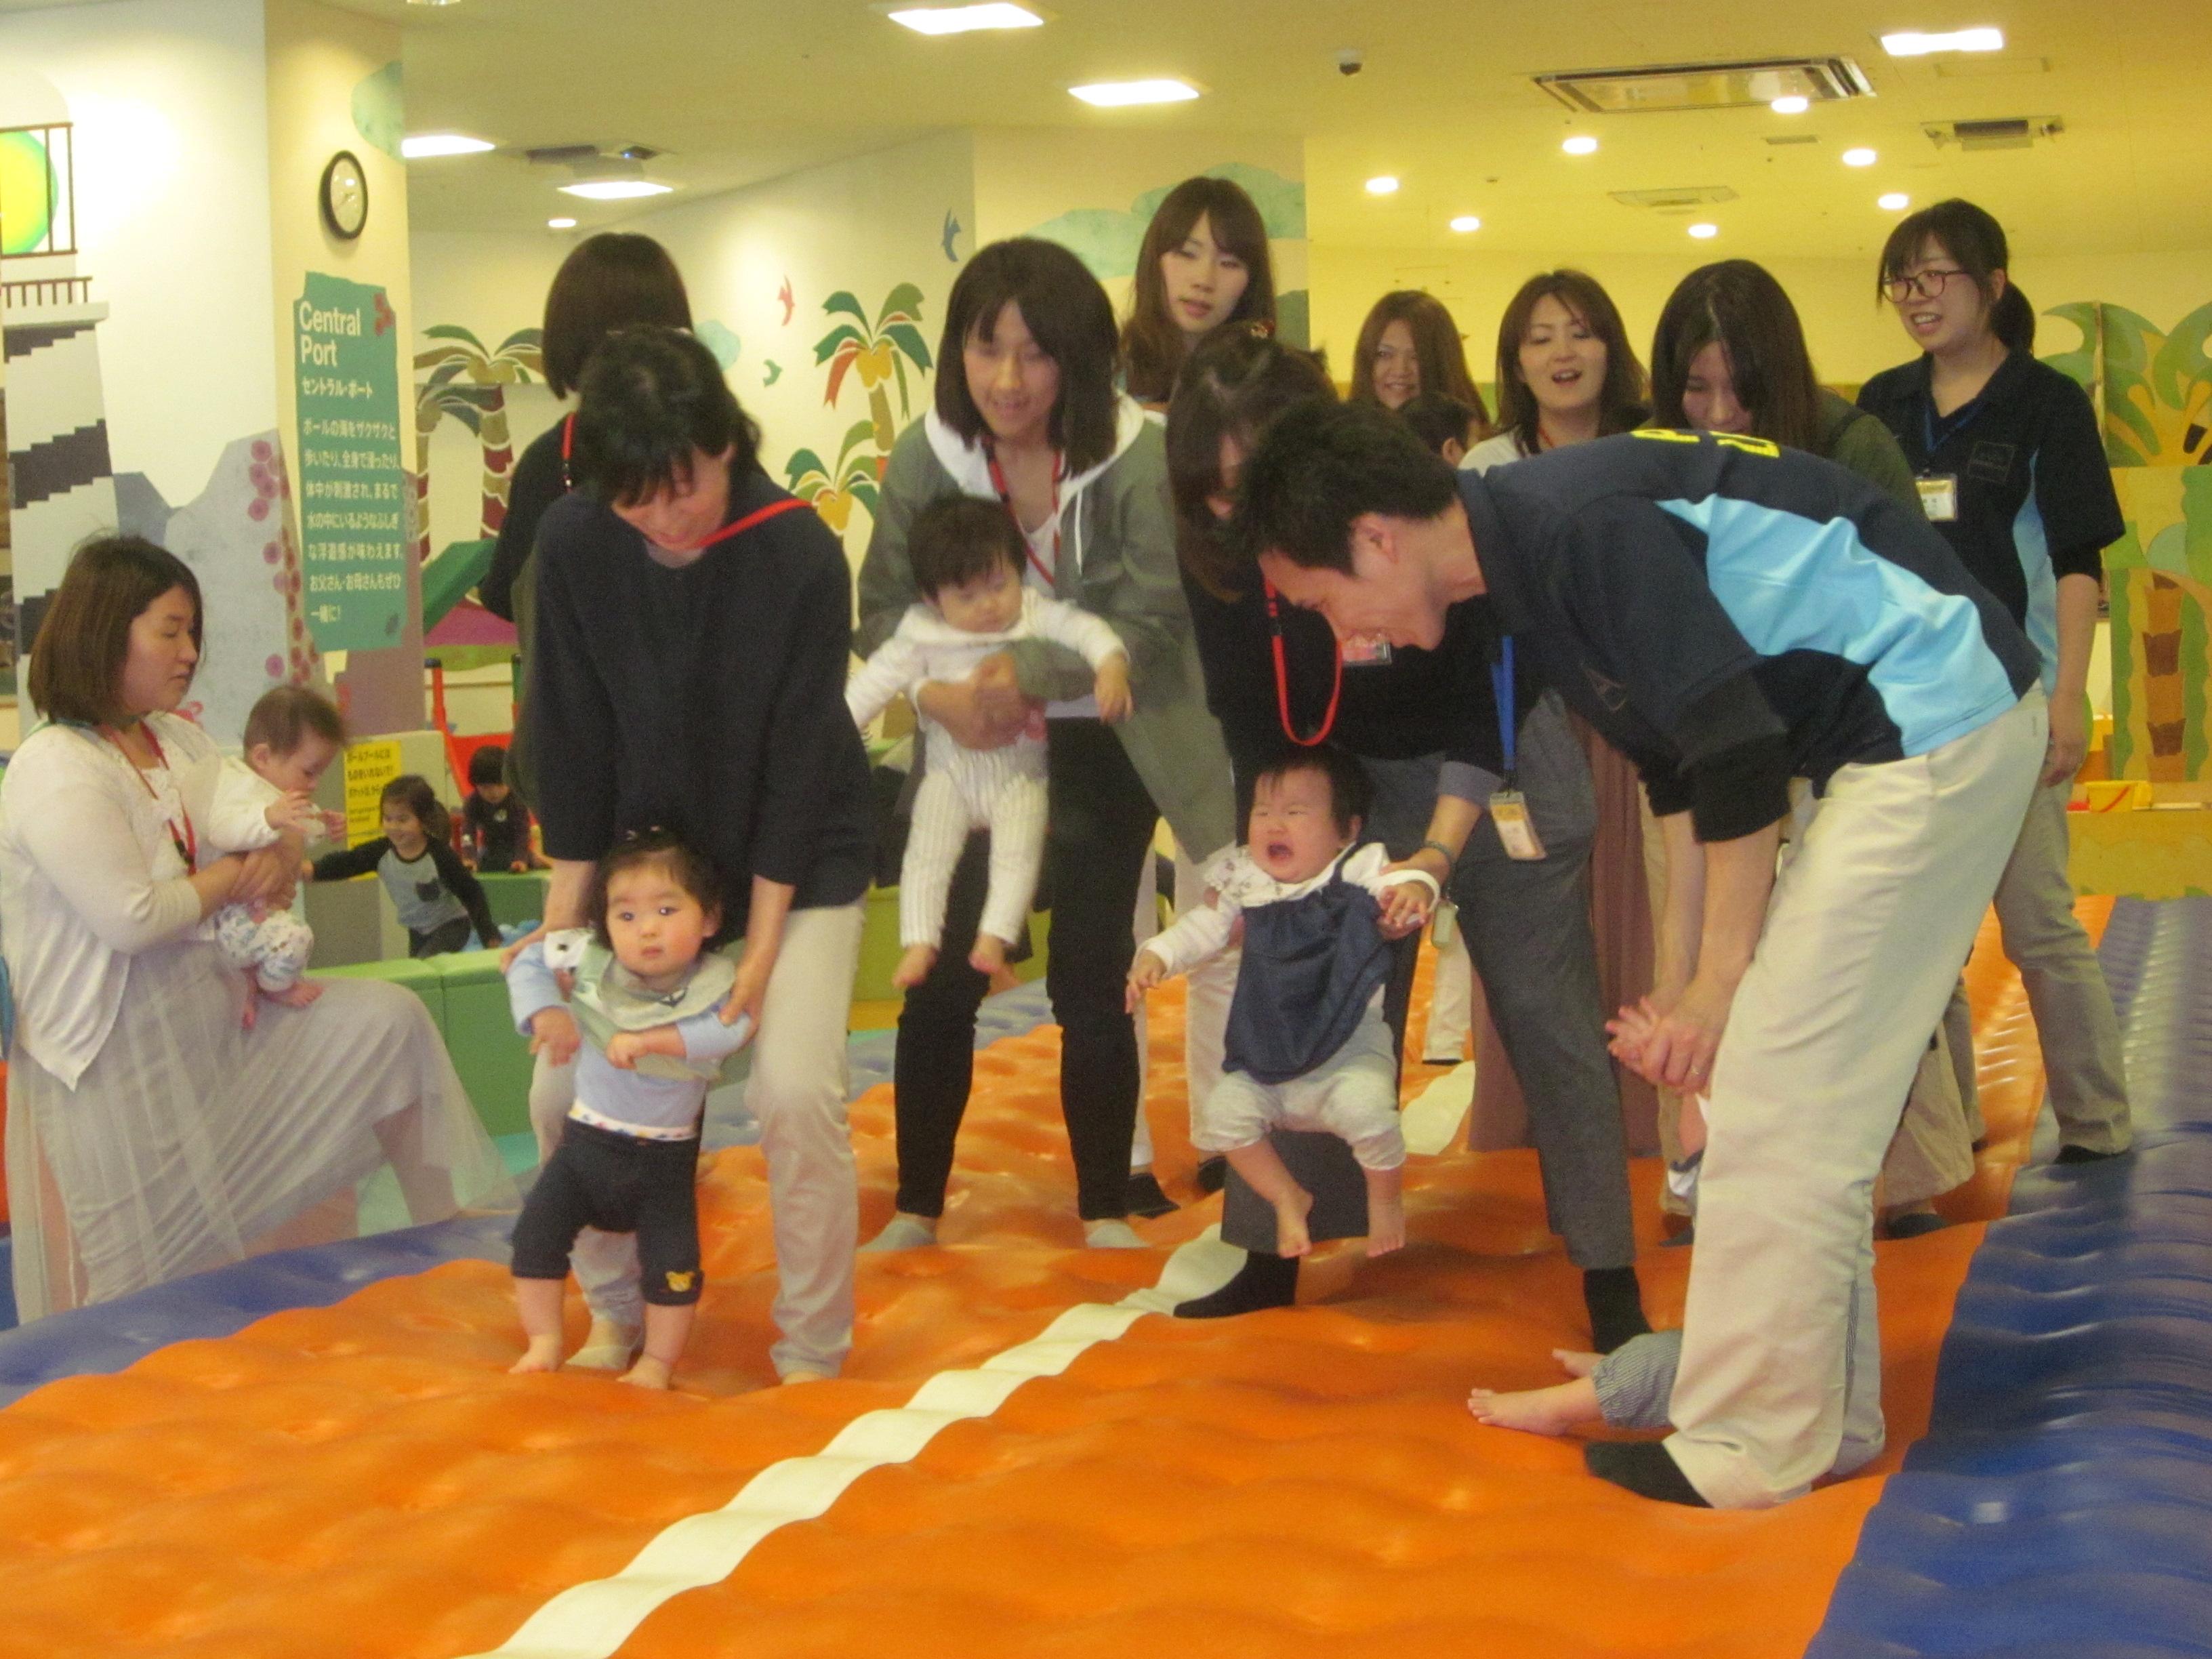 【木曜開催】赤ちゃんの日「エアトラックで赤ちゃんと遊ぼう!」